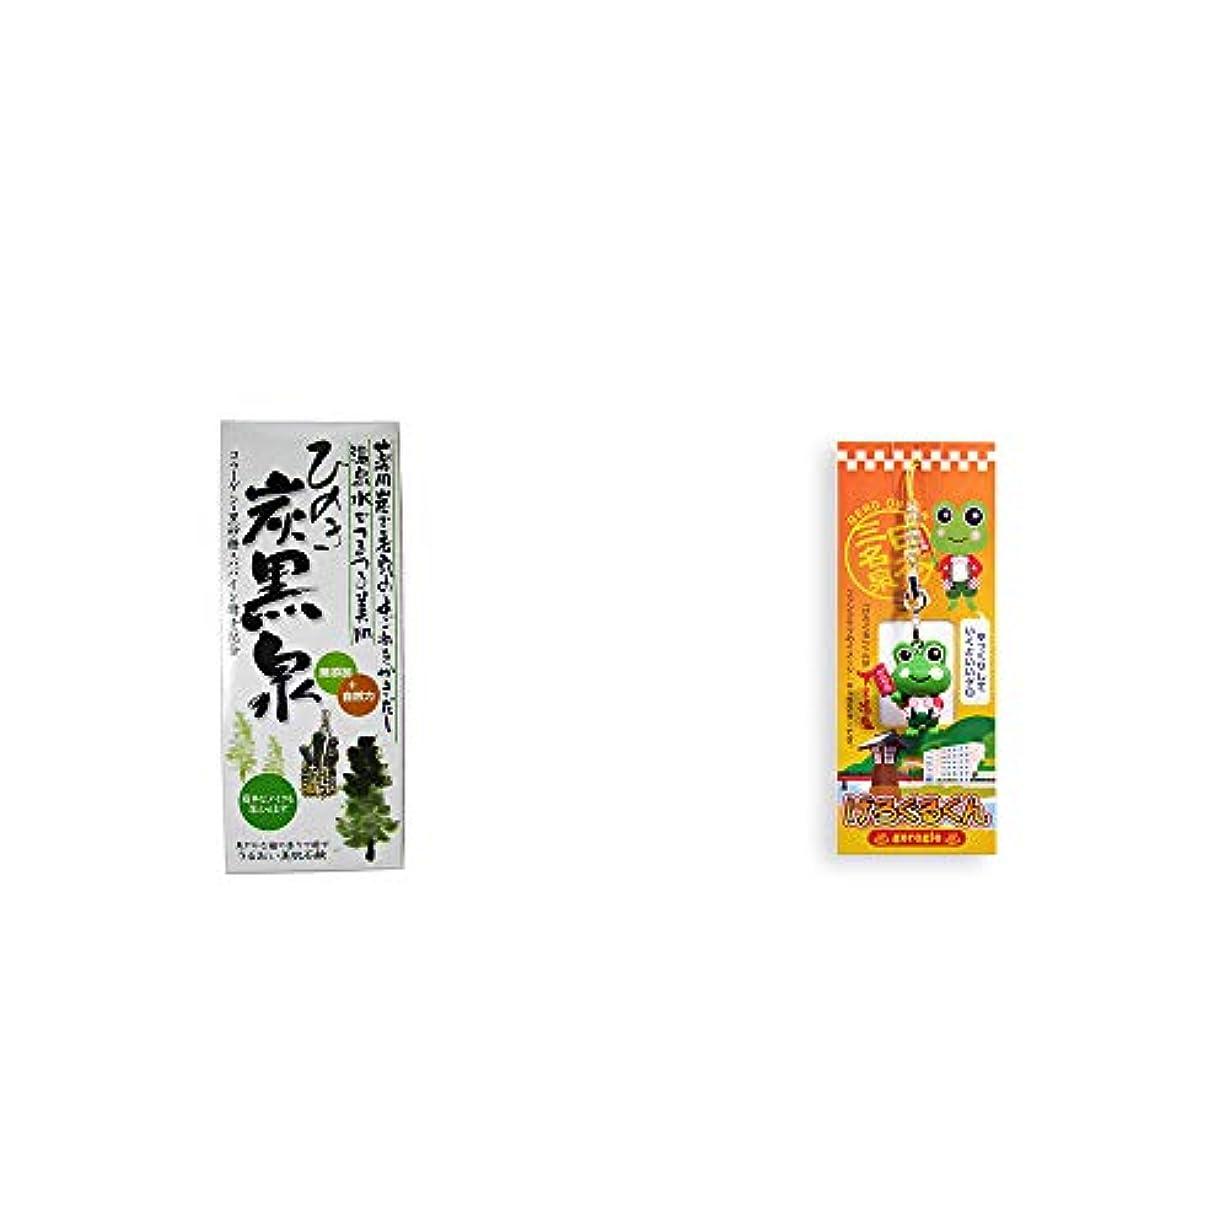 ソブリケット食い違いゲートウェイ[2点セット] ひのき炭黒泉 箱入り(75g×3)?下呂温泉ファンクラブのイメージキャラクター げろぐるくんストラップ